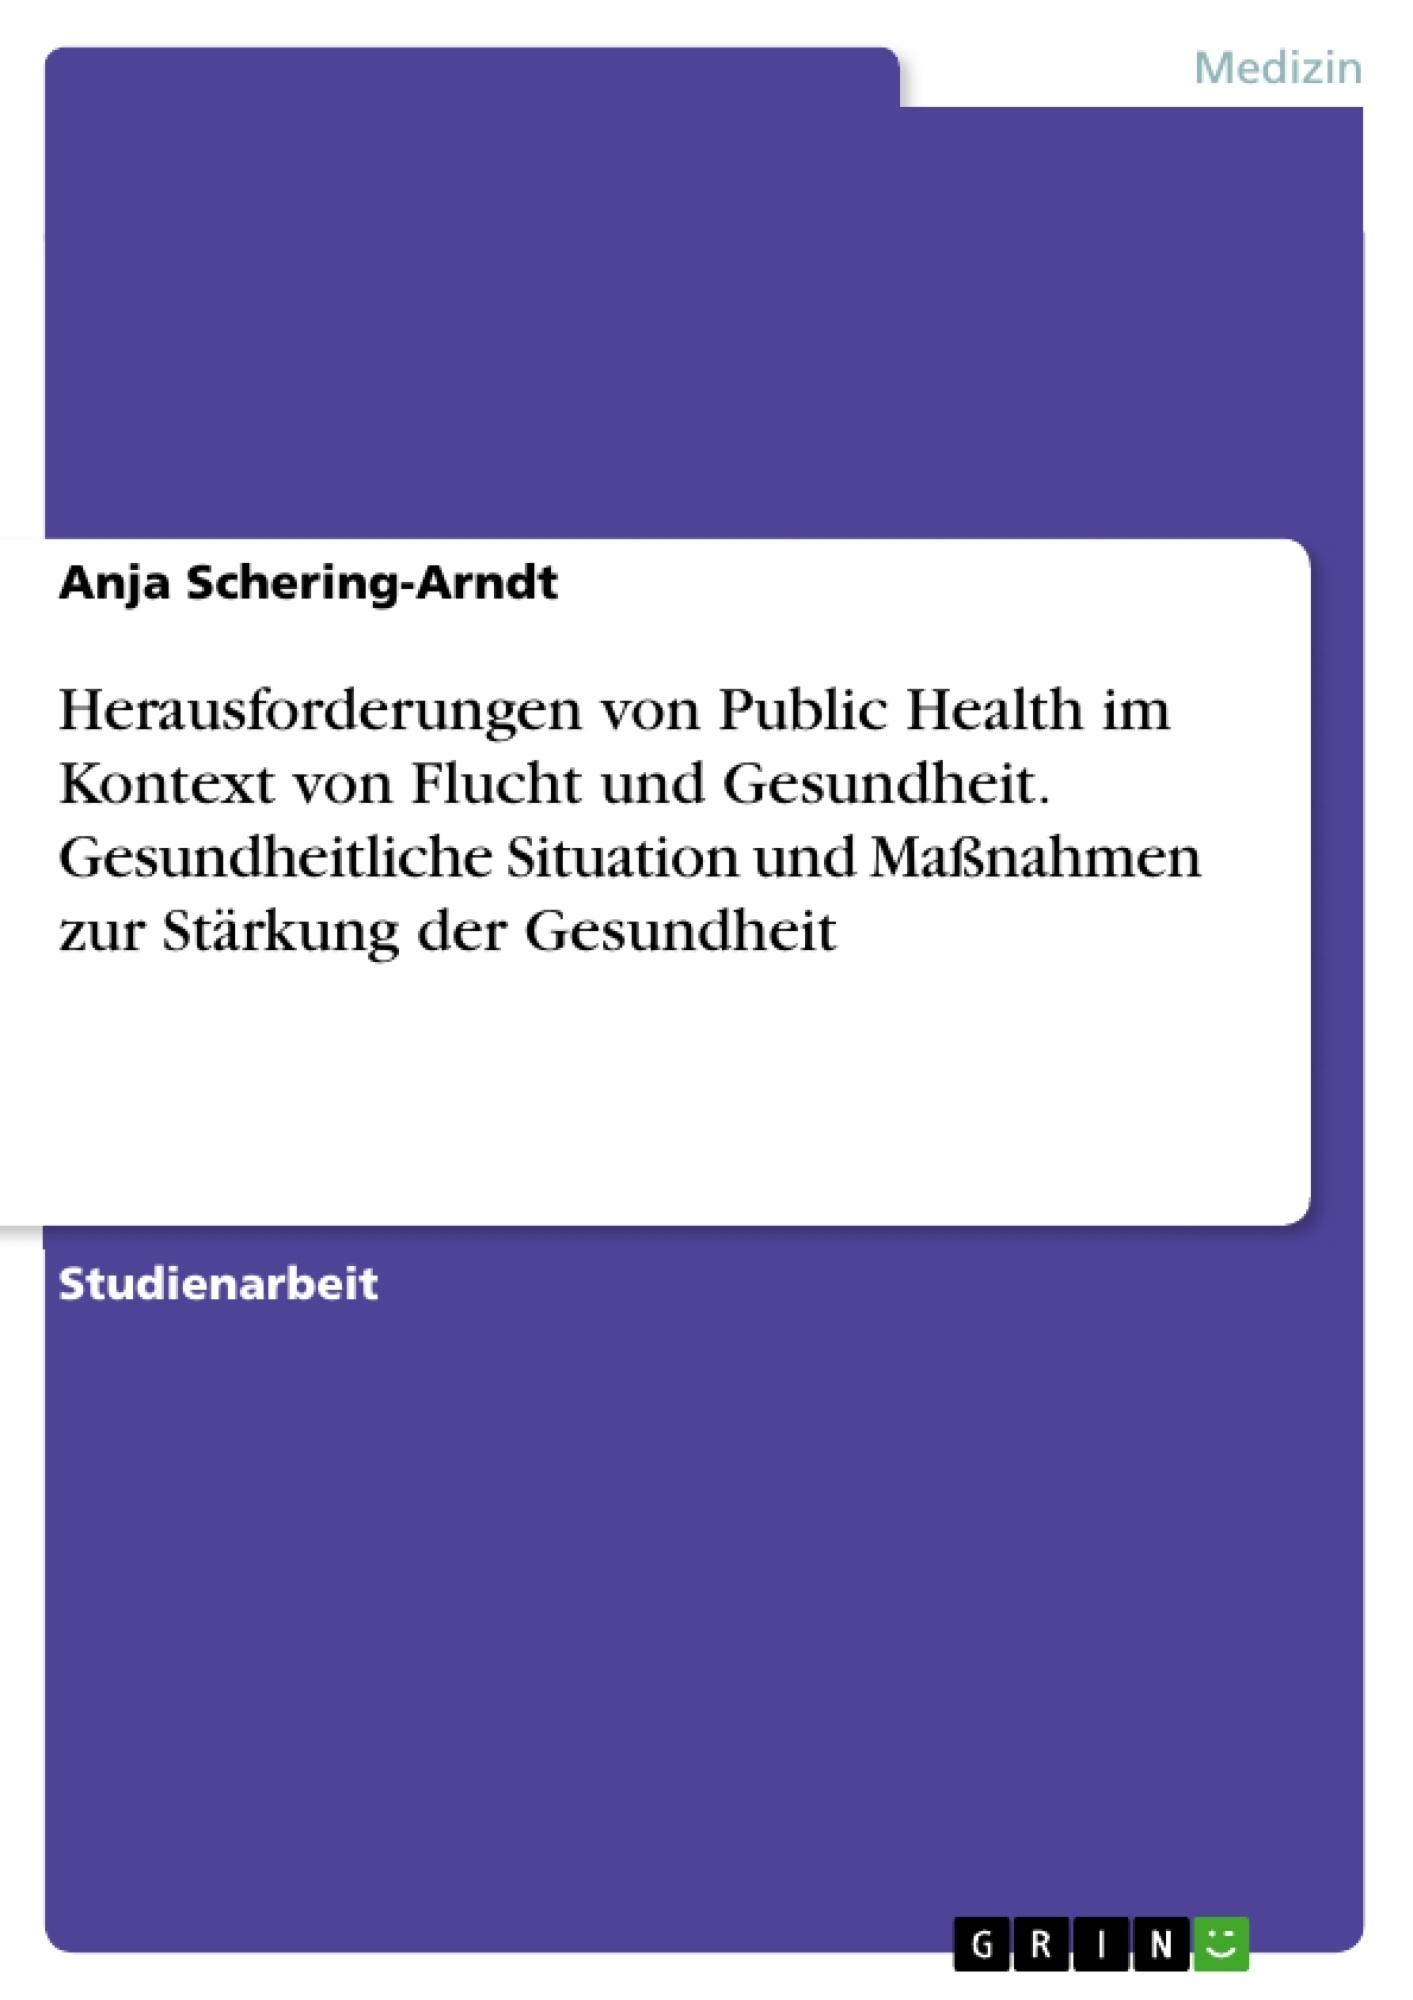 Titel: Herausforderungen von Public Health im Kontext von Flucht und Gesundheit. Gesundheitliche Situation und Maßnahmen zur Stärkung der Gesundheit